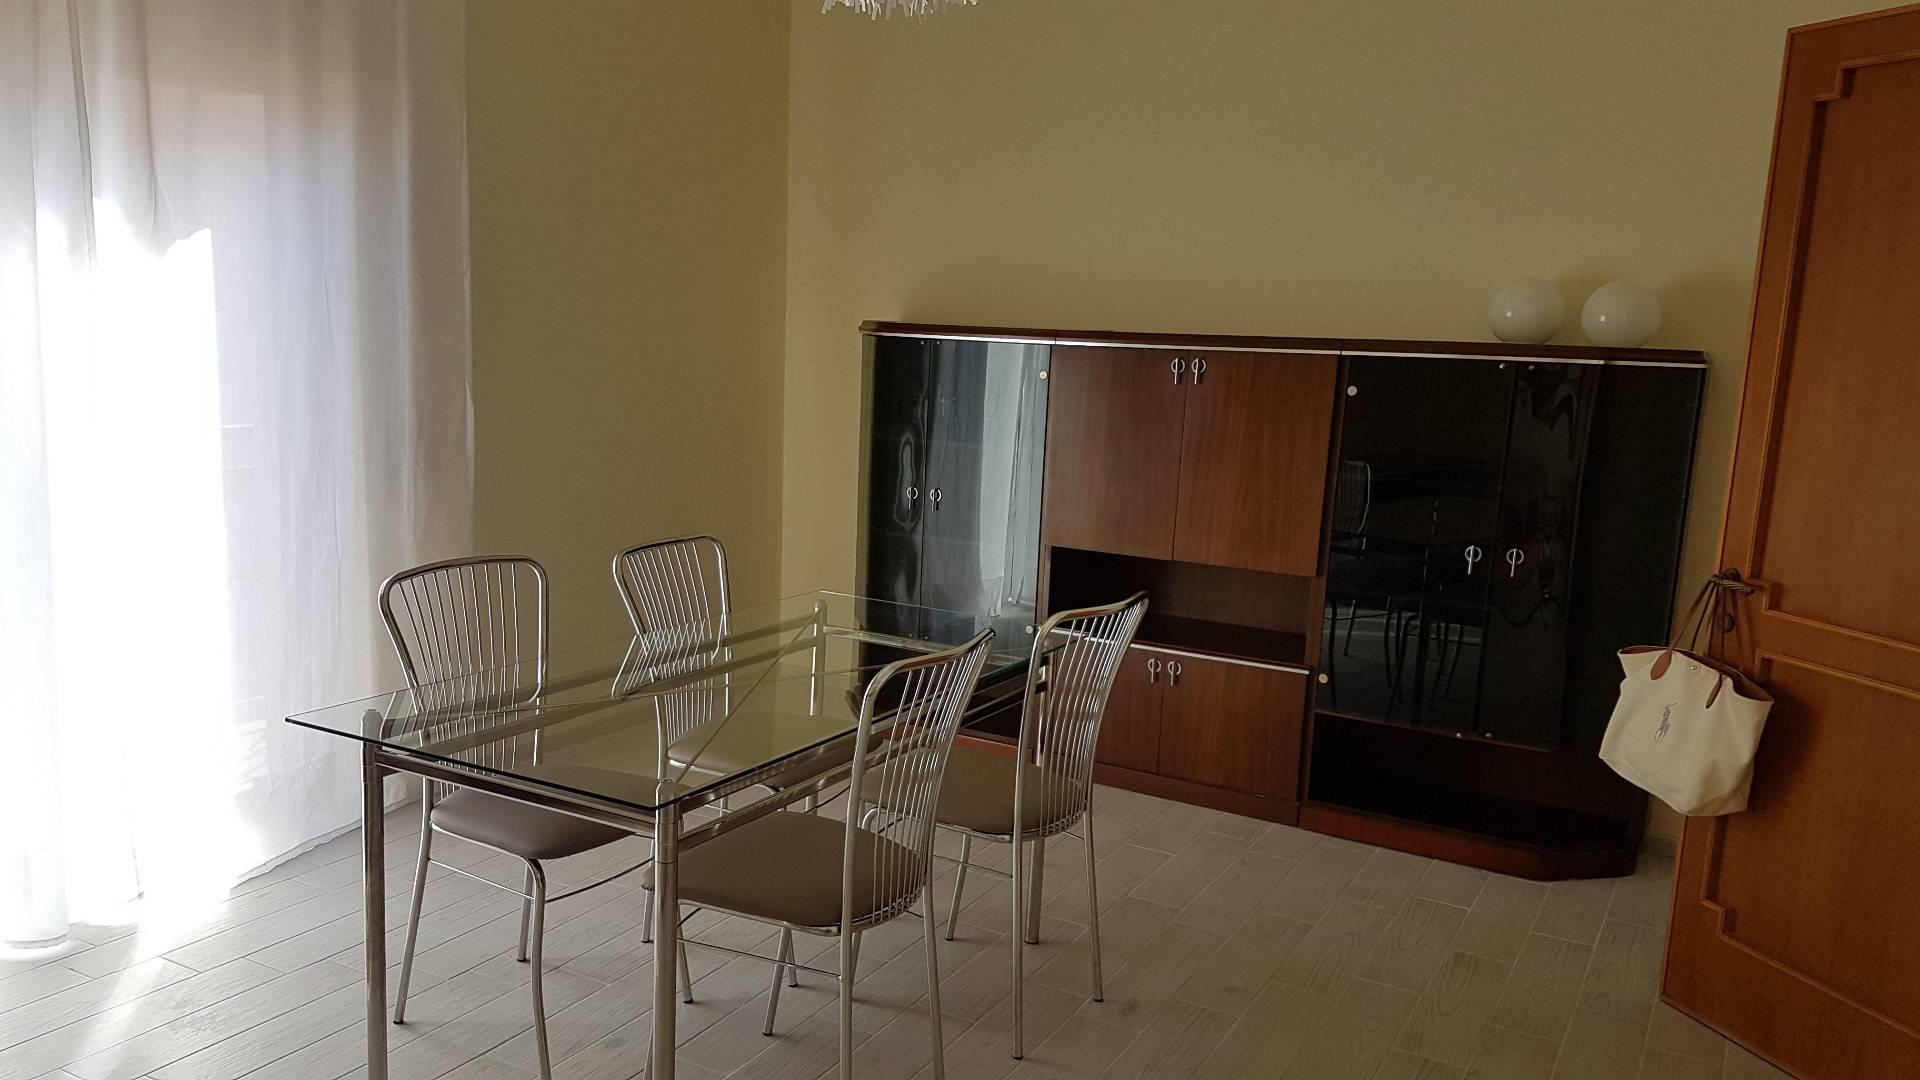 Appartamento in affitto a Quartu Sant'Elena, 3 locali, zona Località: MusicistiItaliani, prezzo € 650 | Cambio Casa.it